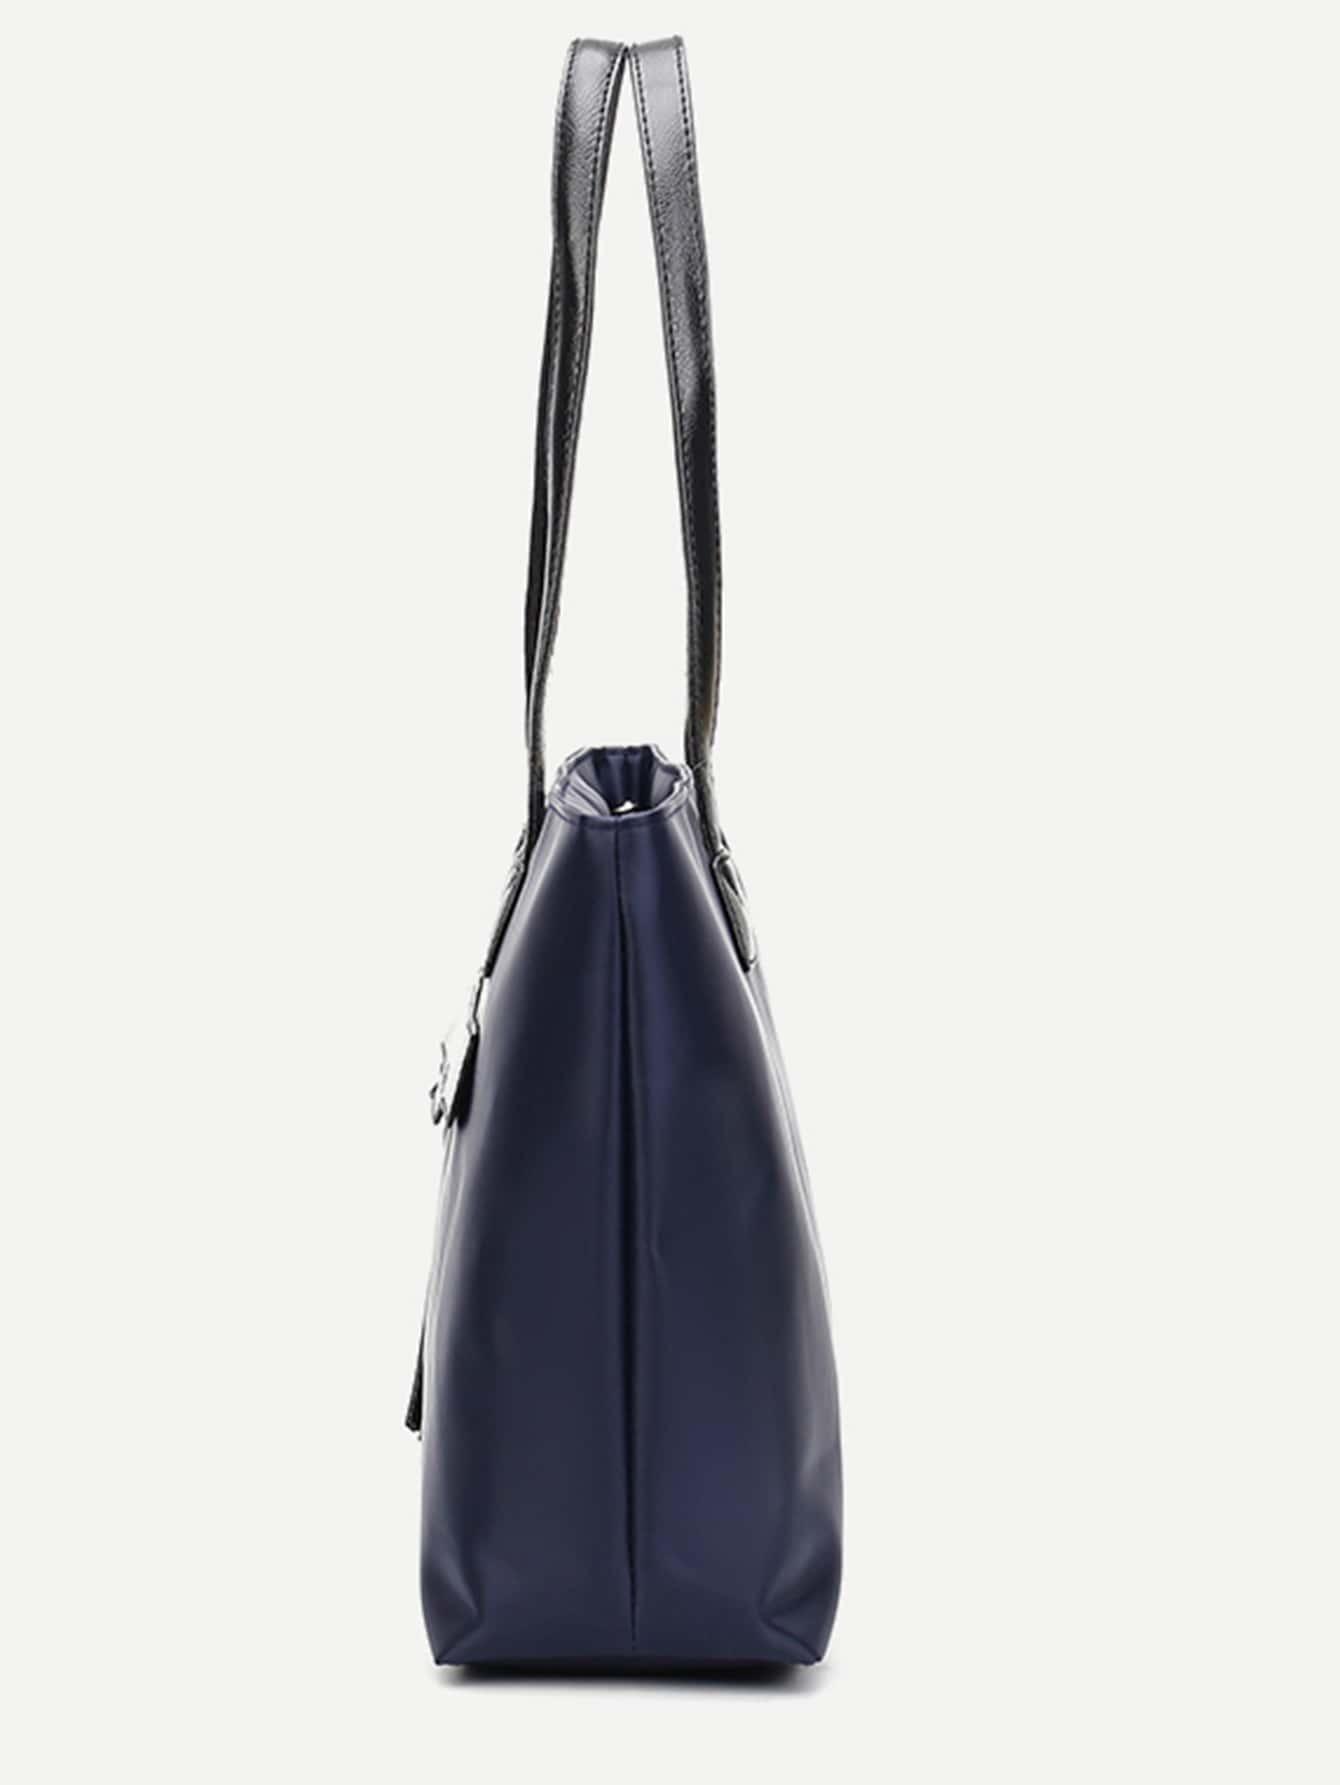 nylon einkaufstasche mit rei verschluss marine german shein sheinside. Black Bedroom Furniture Sets. Home Design Ideas